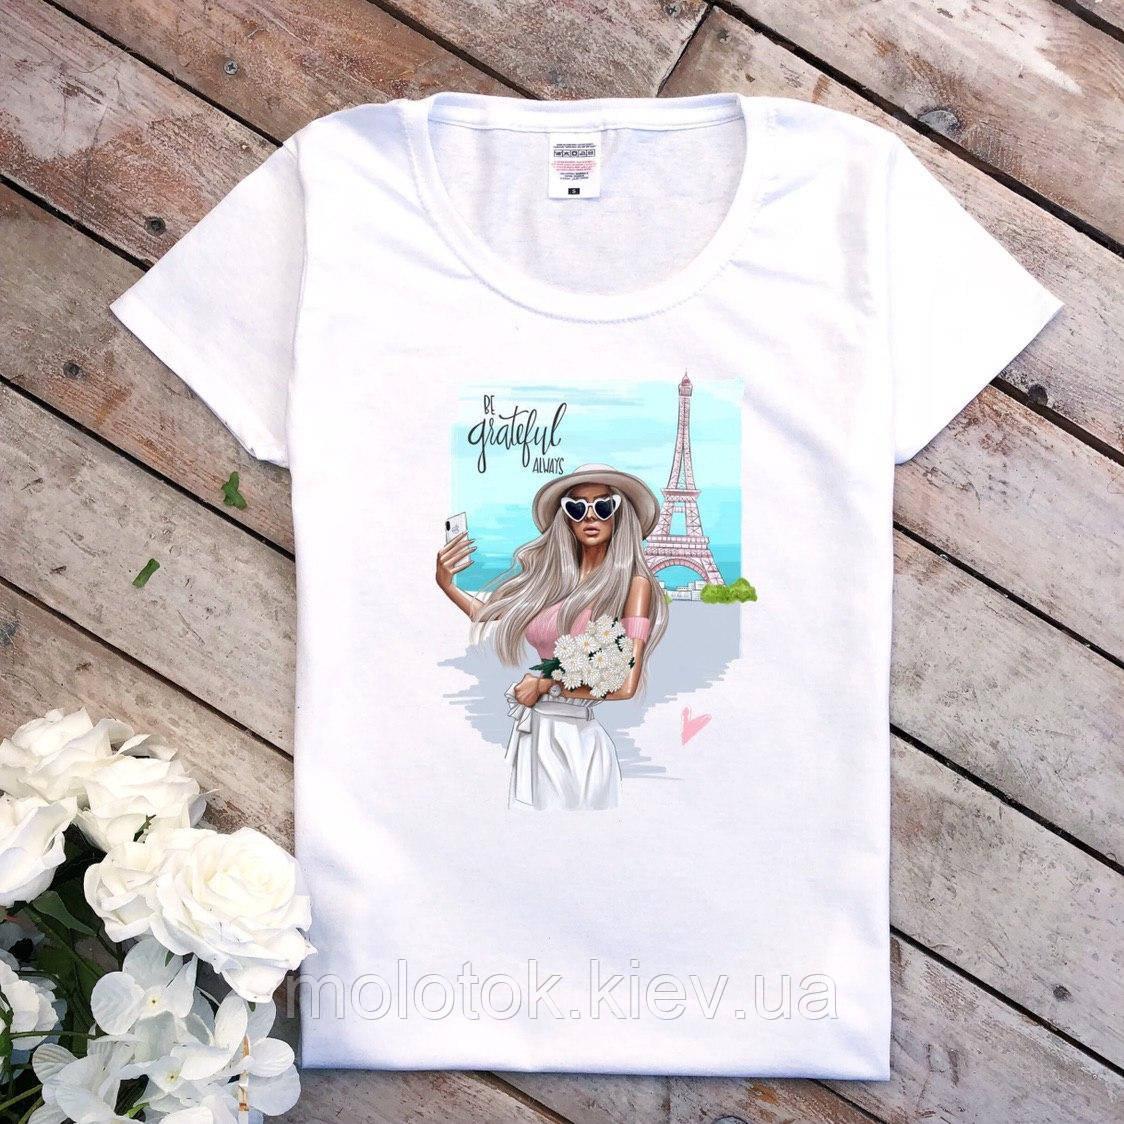 Женская футболка Париж летняя белая